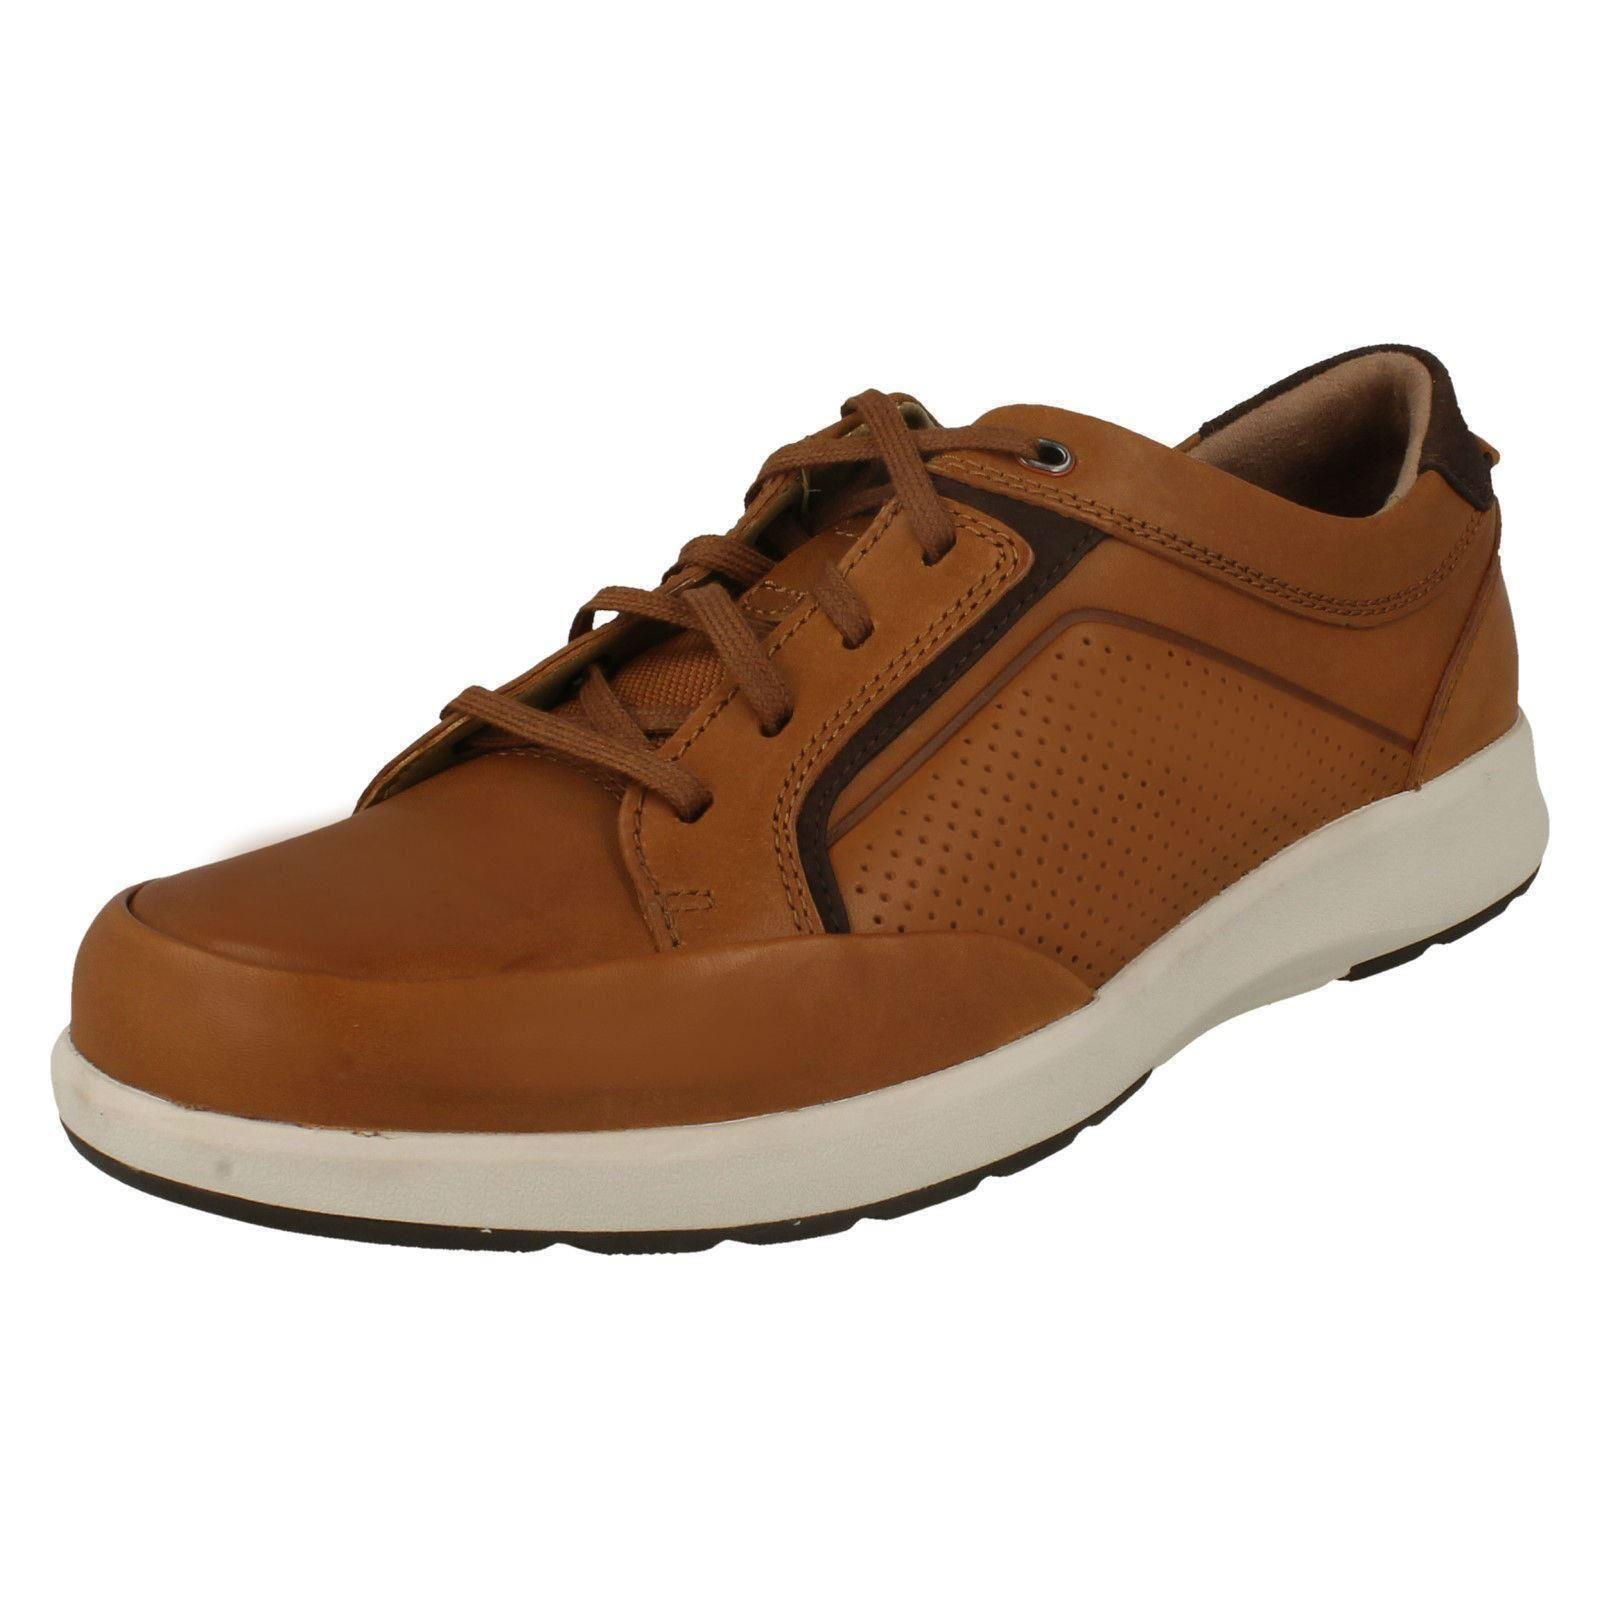 cordones casual Tan marrón Calzado para Trail Un hombre con Form qEddxvz8